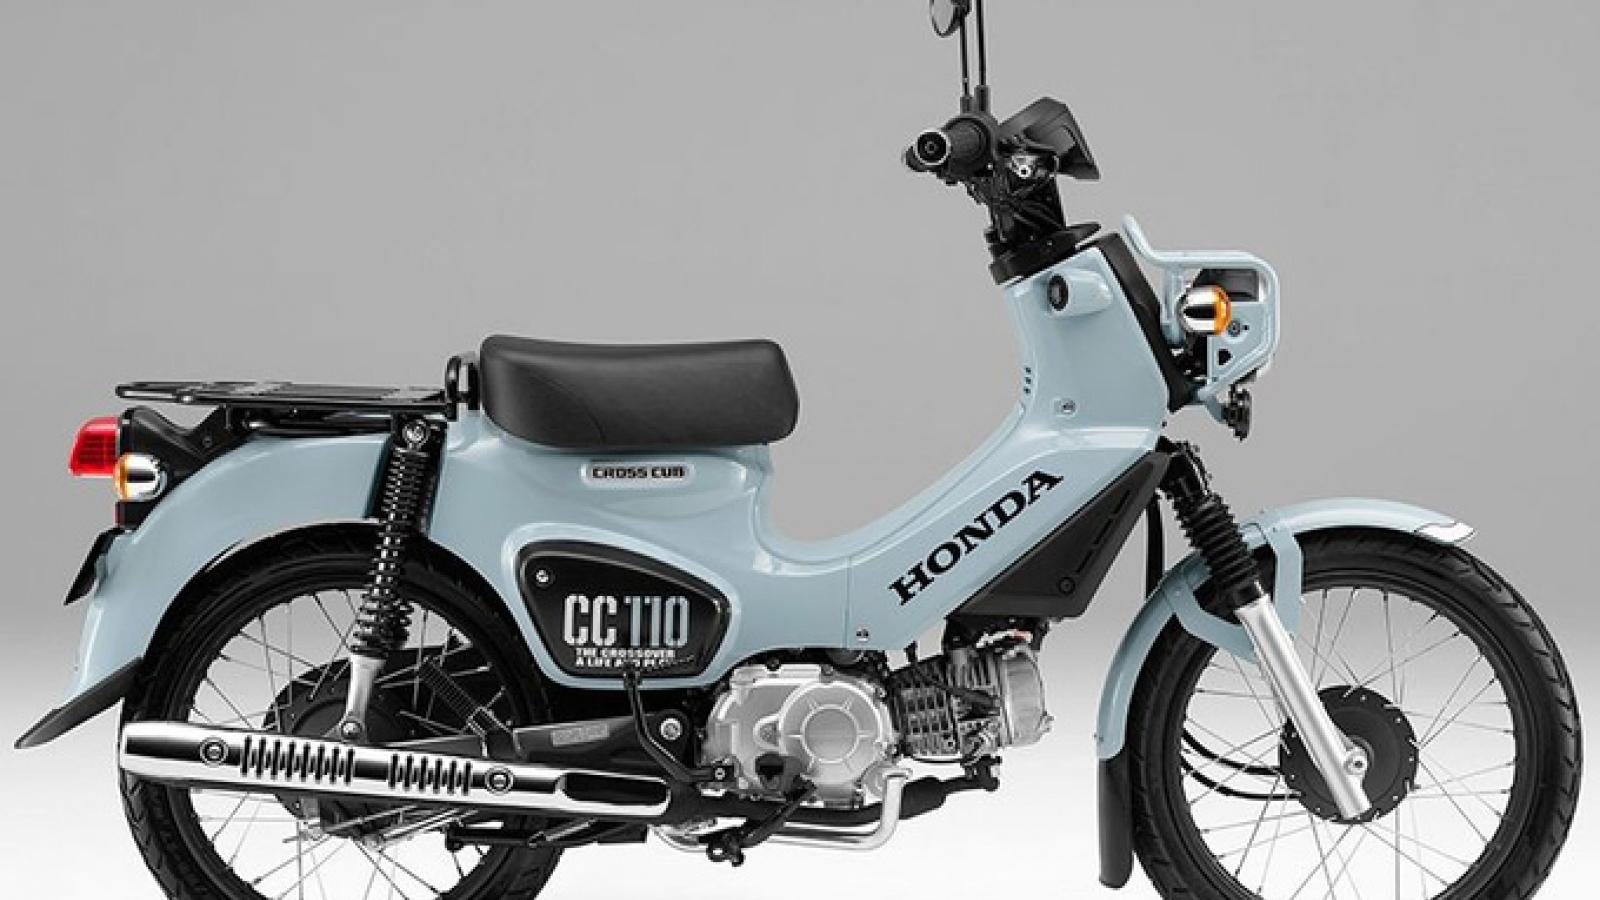 Honda Cross Cub 110 2021 giá 72 triệu đồng vừa ra mắt có gì đặc biệt?